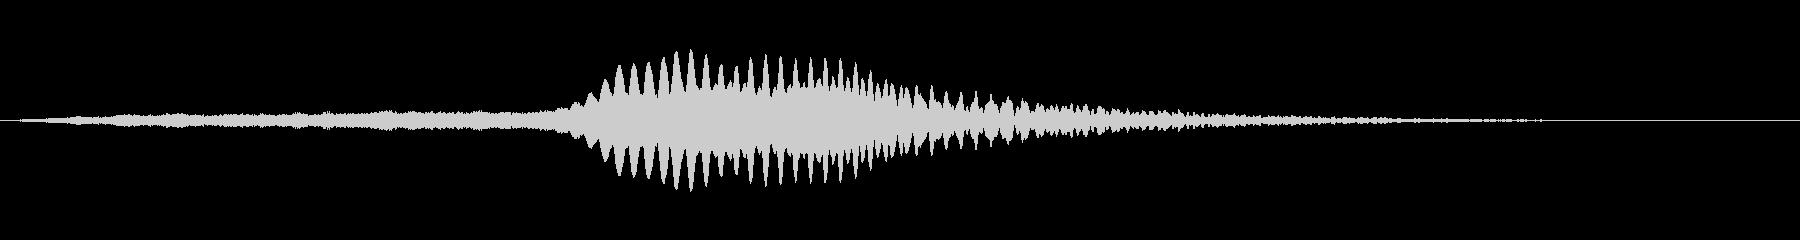 ショートドラマティックアクセントド...の未再生の波形